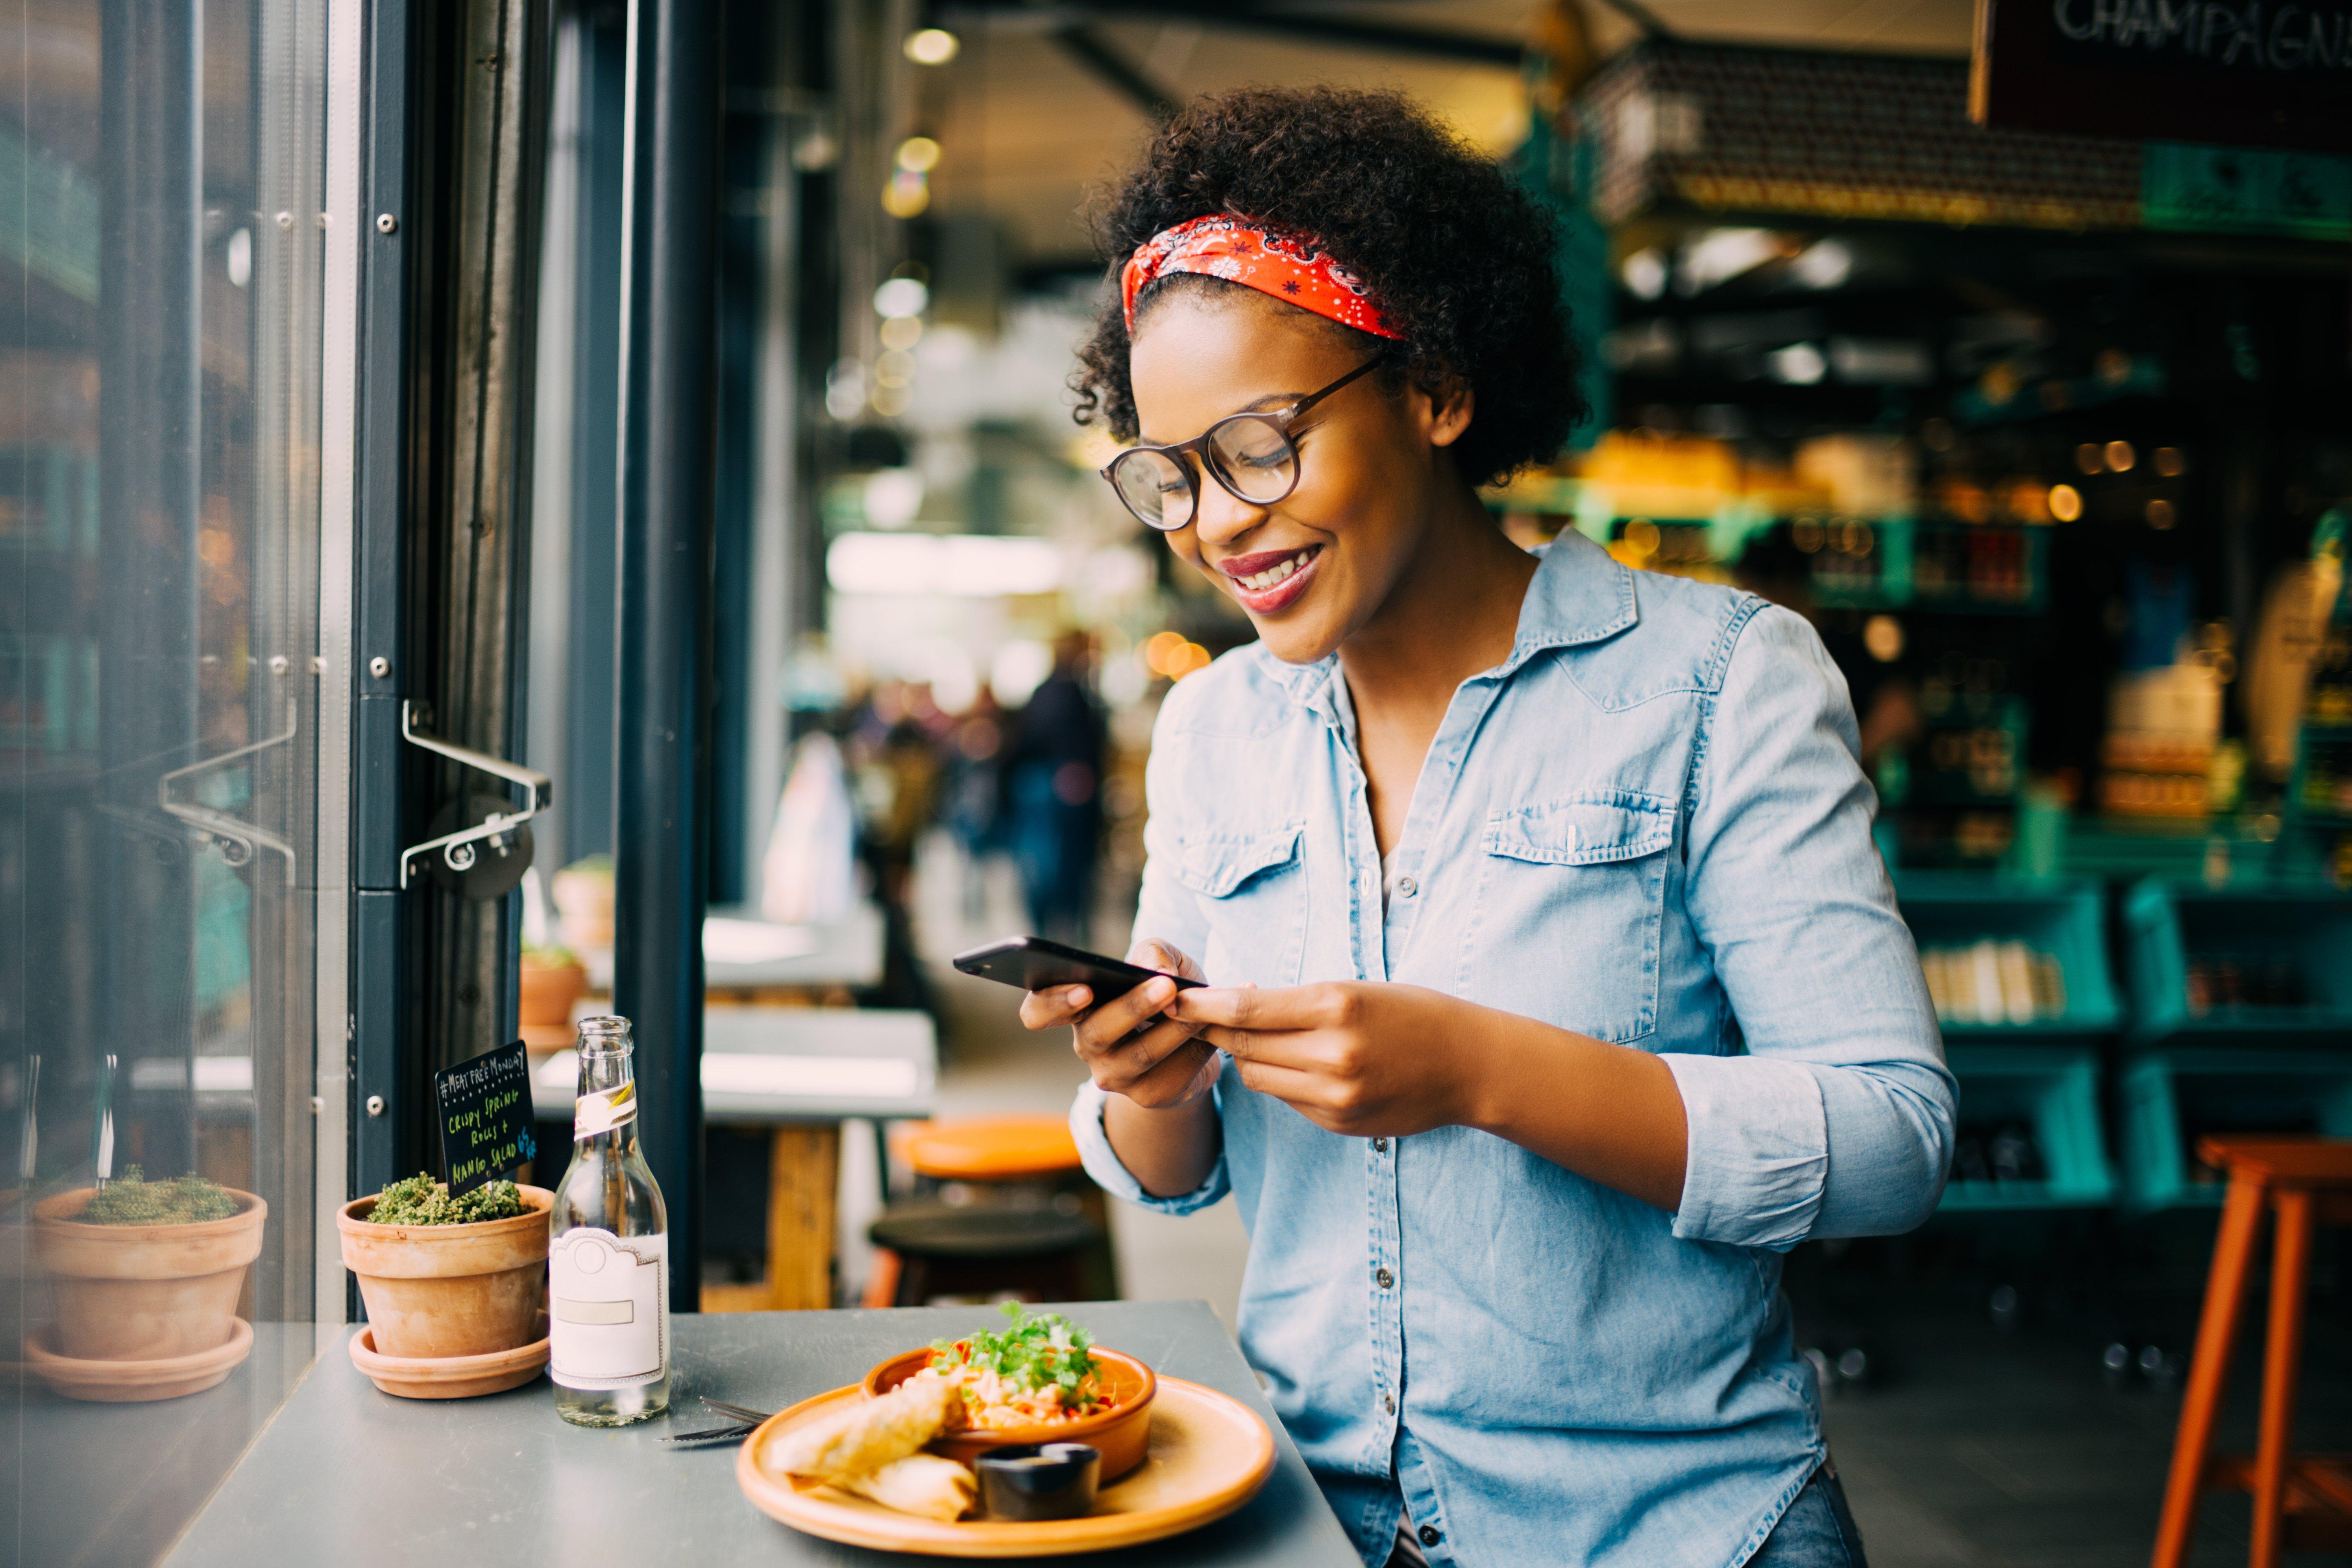 5 Dicas Valiosas Para Crescer Seu Negócio com Marketing Gastronômico